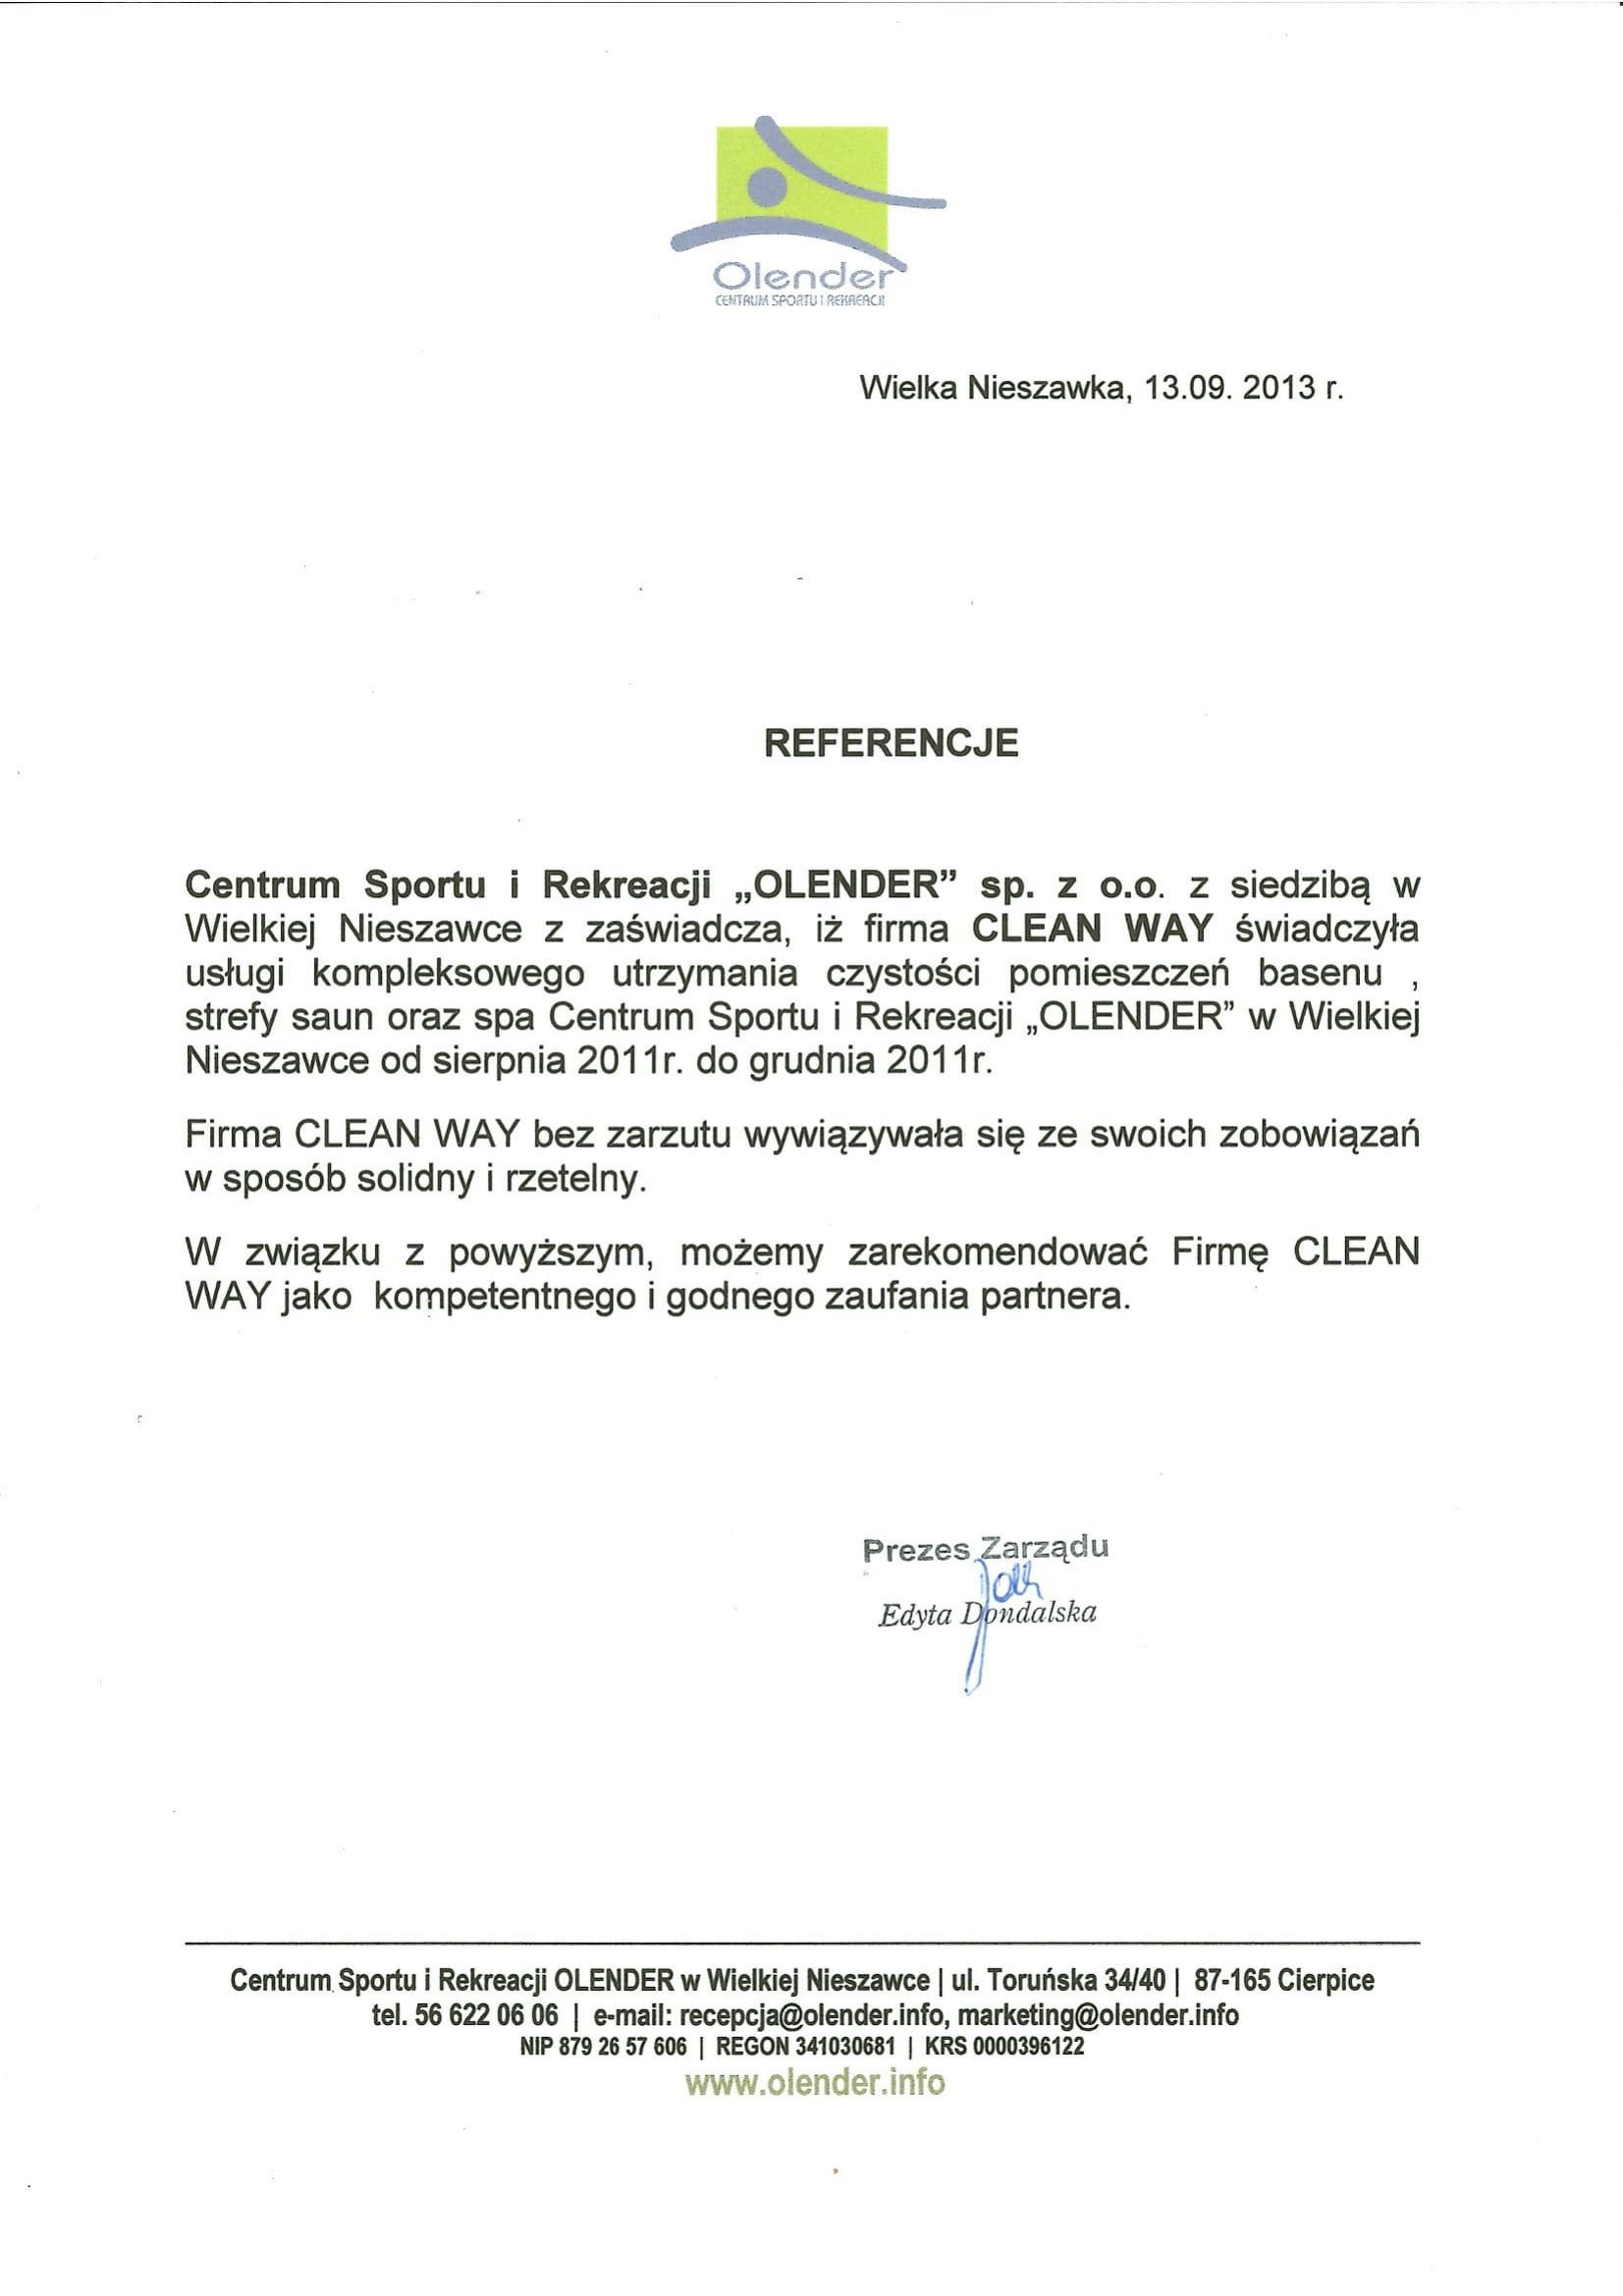 Referencje Centrum Sportu i Rekreacji Olender sp. z o.o.